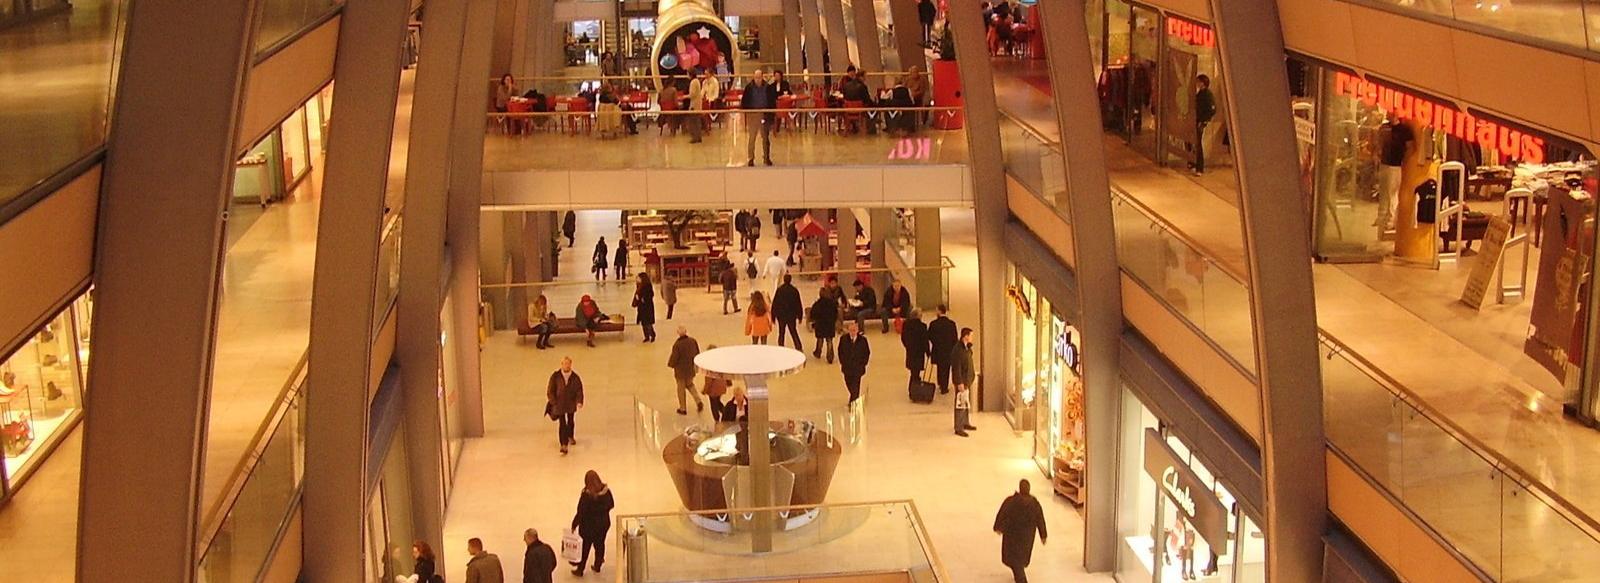 api management for retail